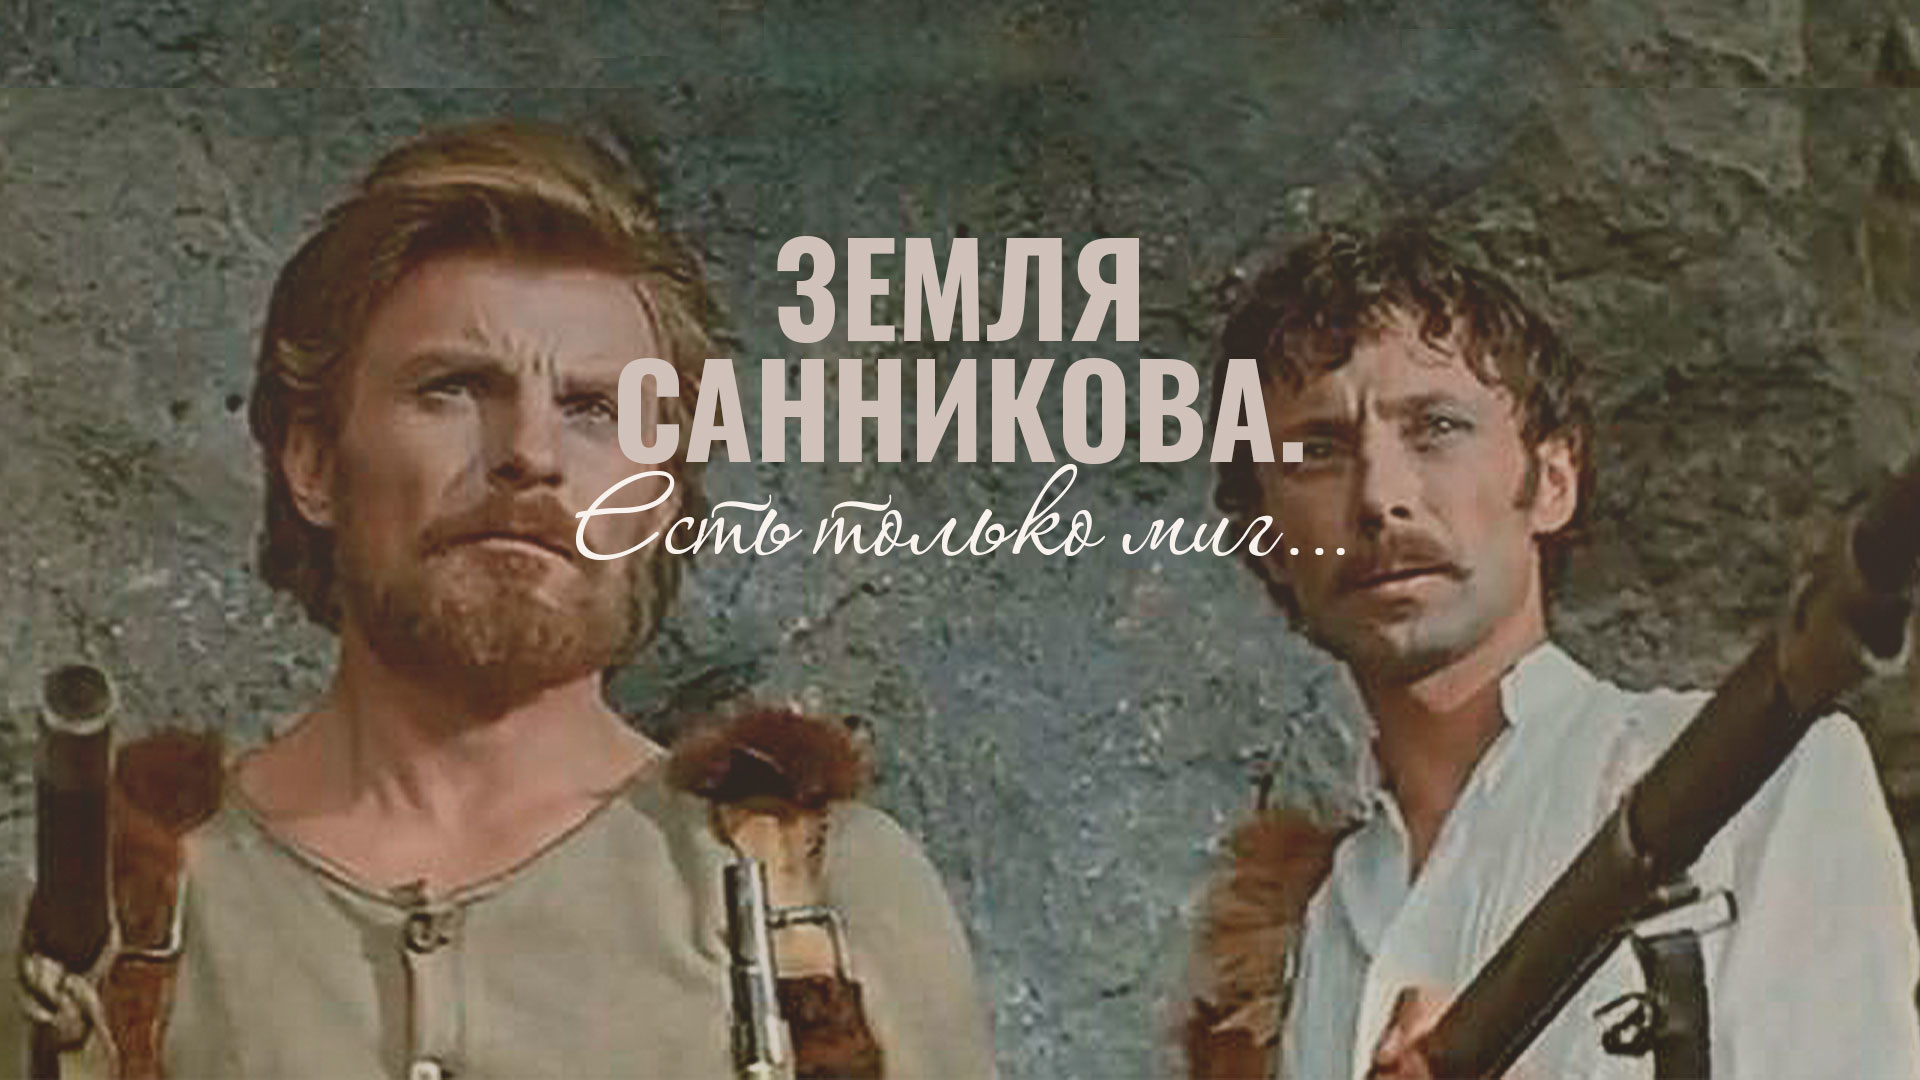 """""""Земля Санникова"""". Есть только миг…"""